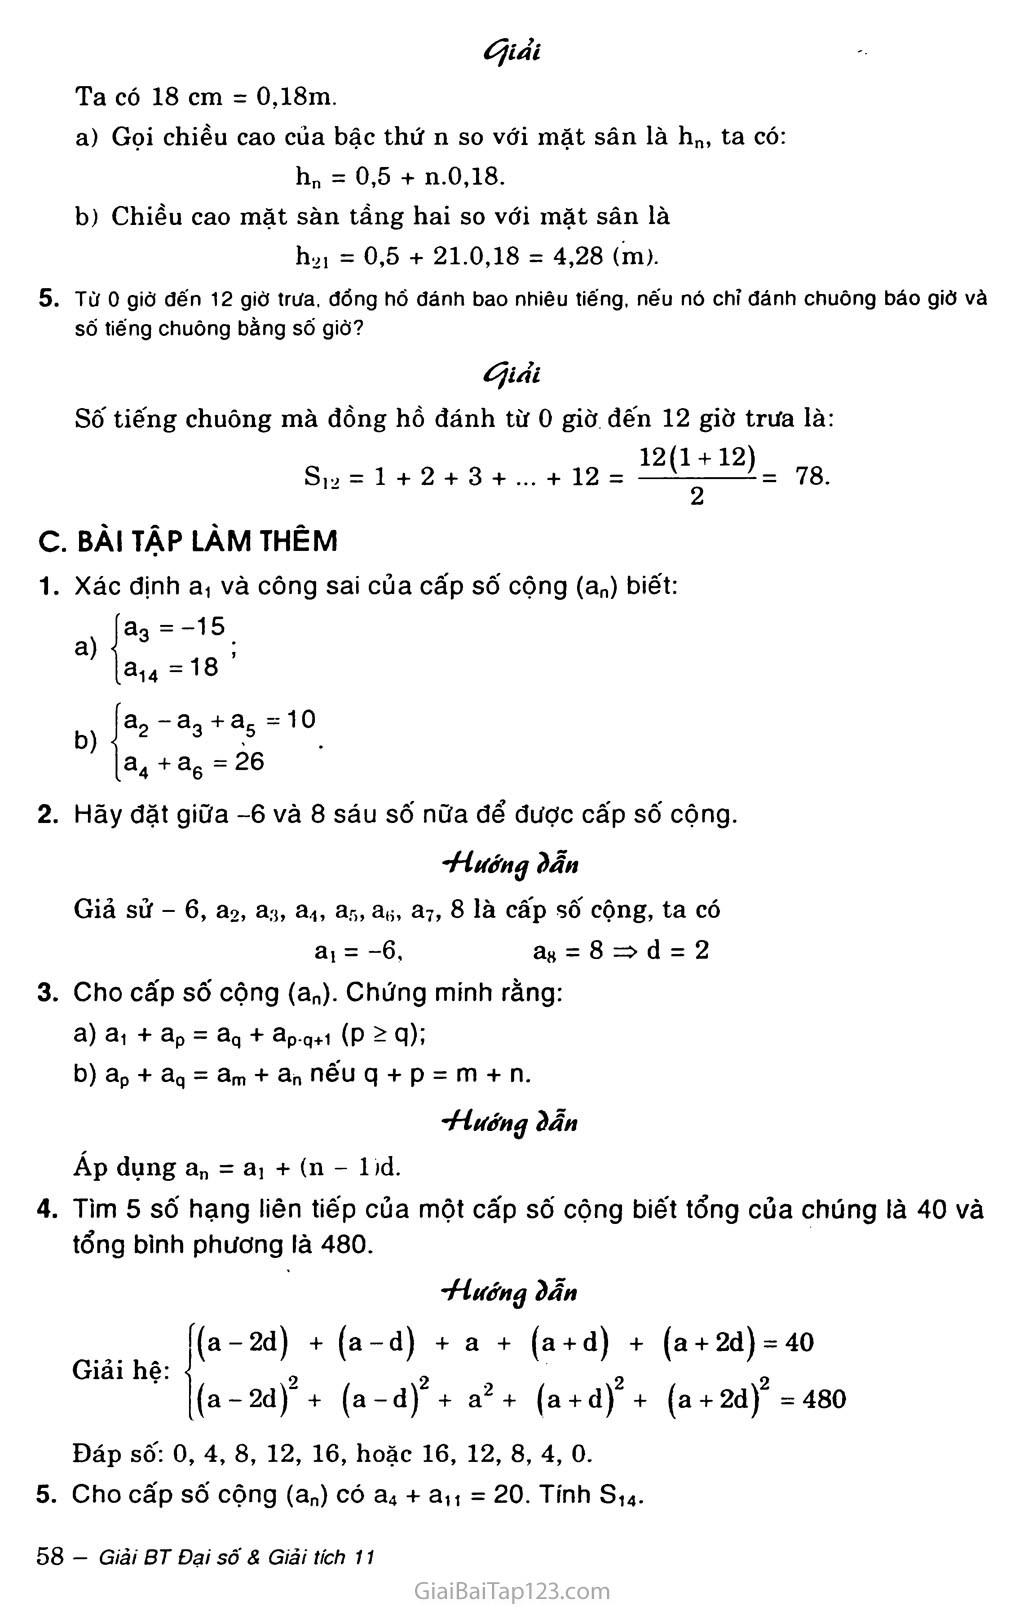 Bài 3. Cấp số cộng trang 4